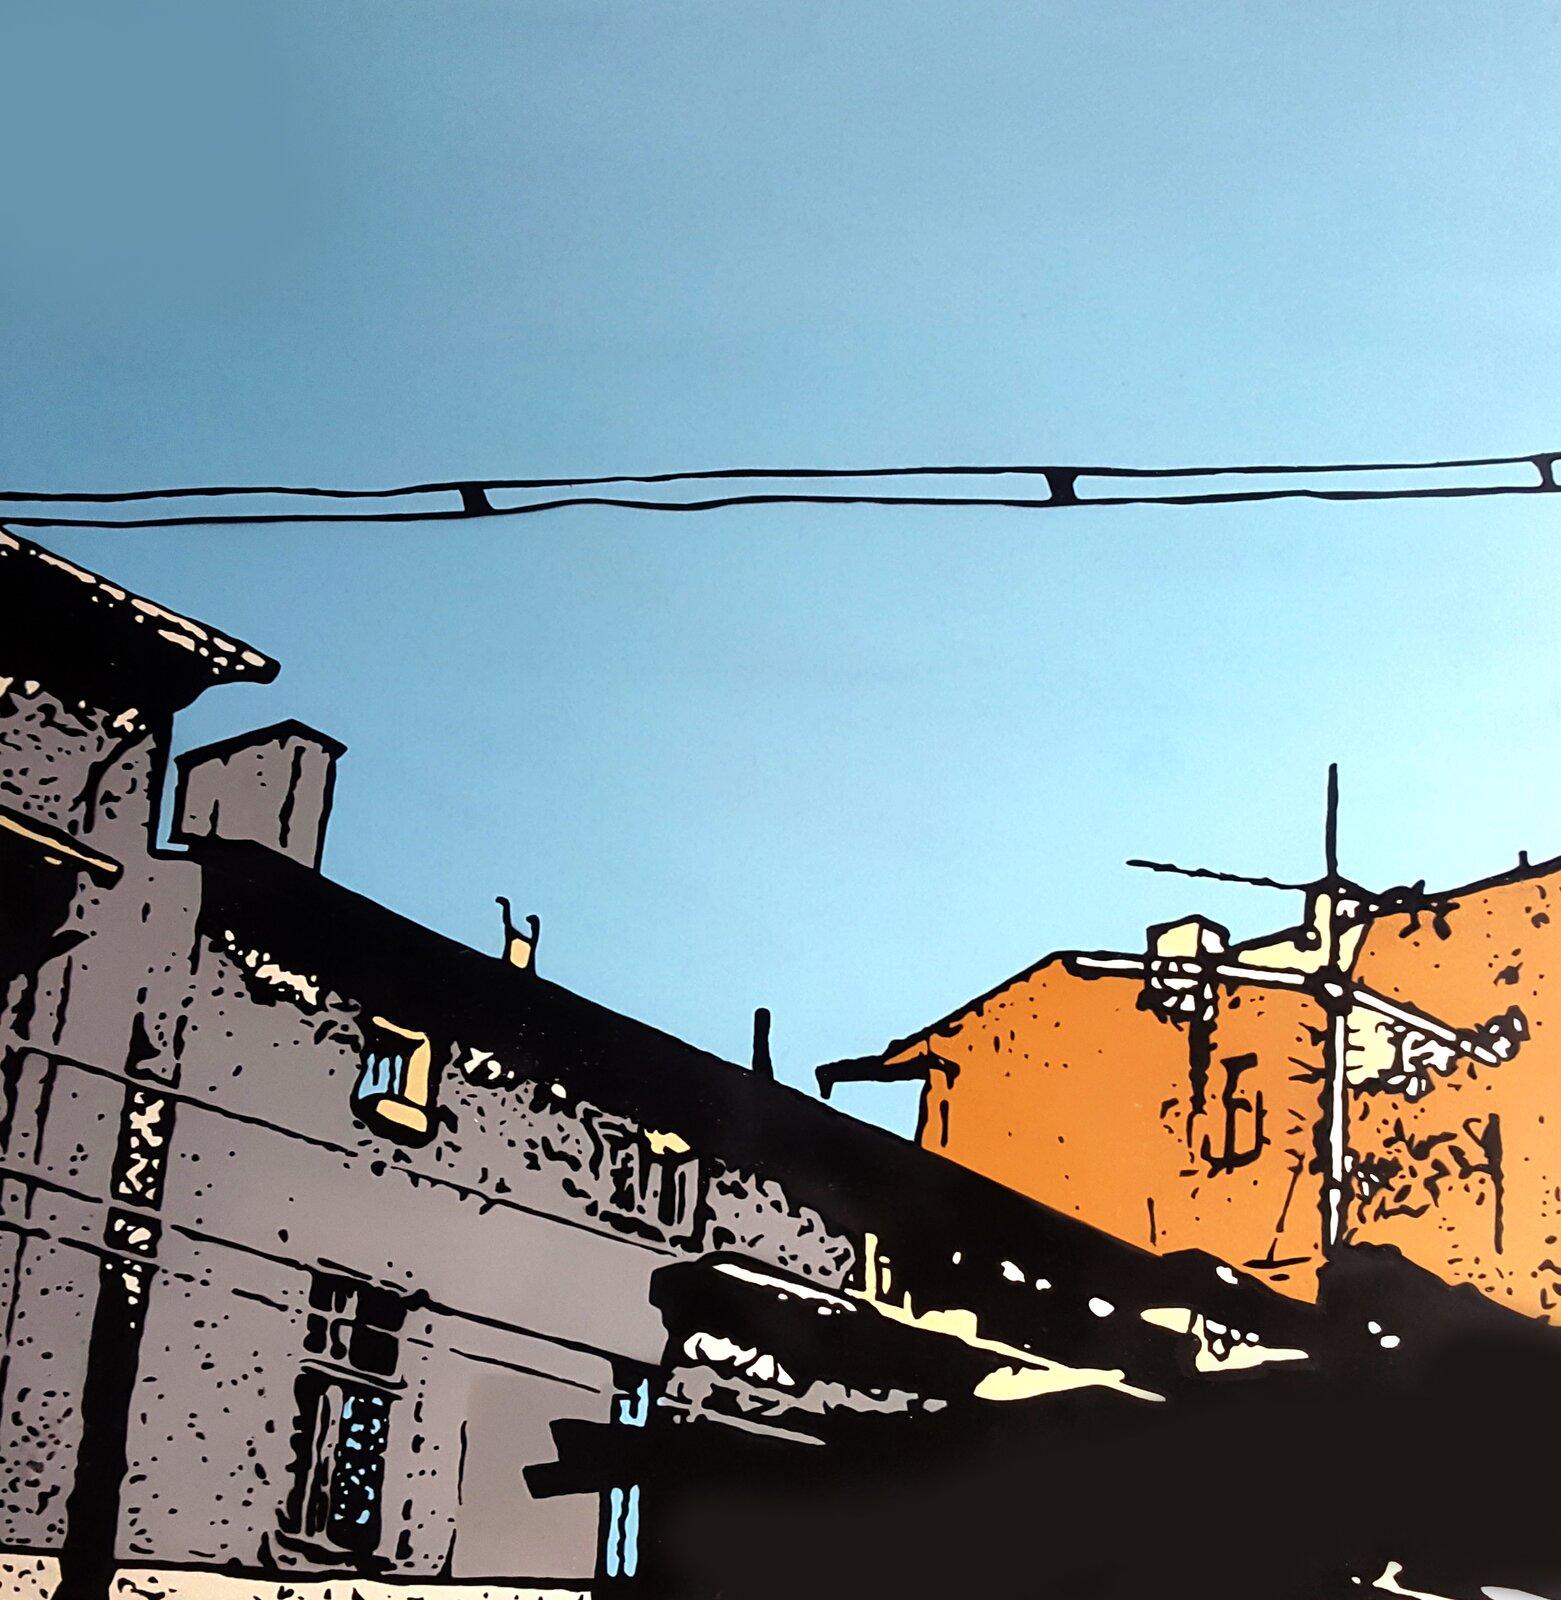 Zdjęcie ukazuje grafikę budynku. Budynki są wkolorach brązowym oraz pomarańczowym. Wtle rozciąga się błękitne, bezchmurne niebo.